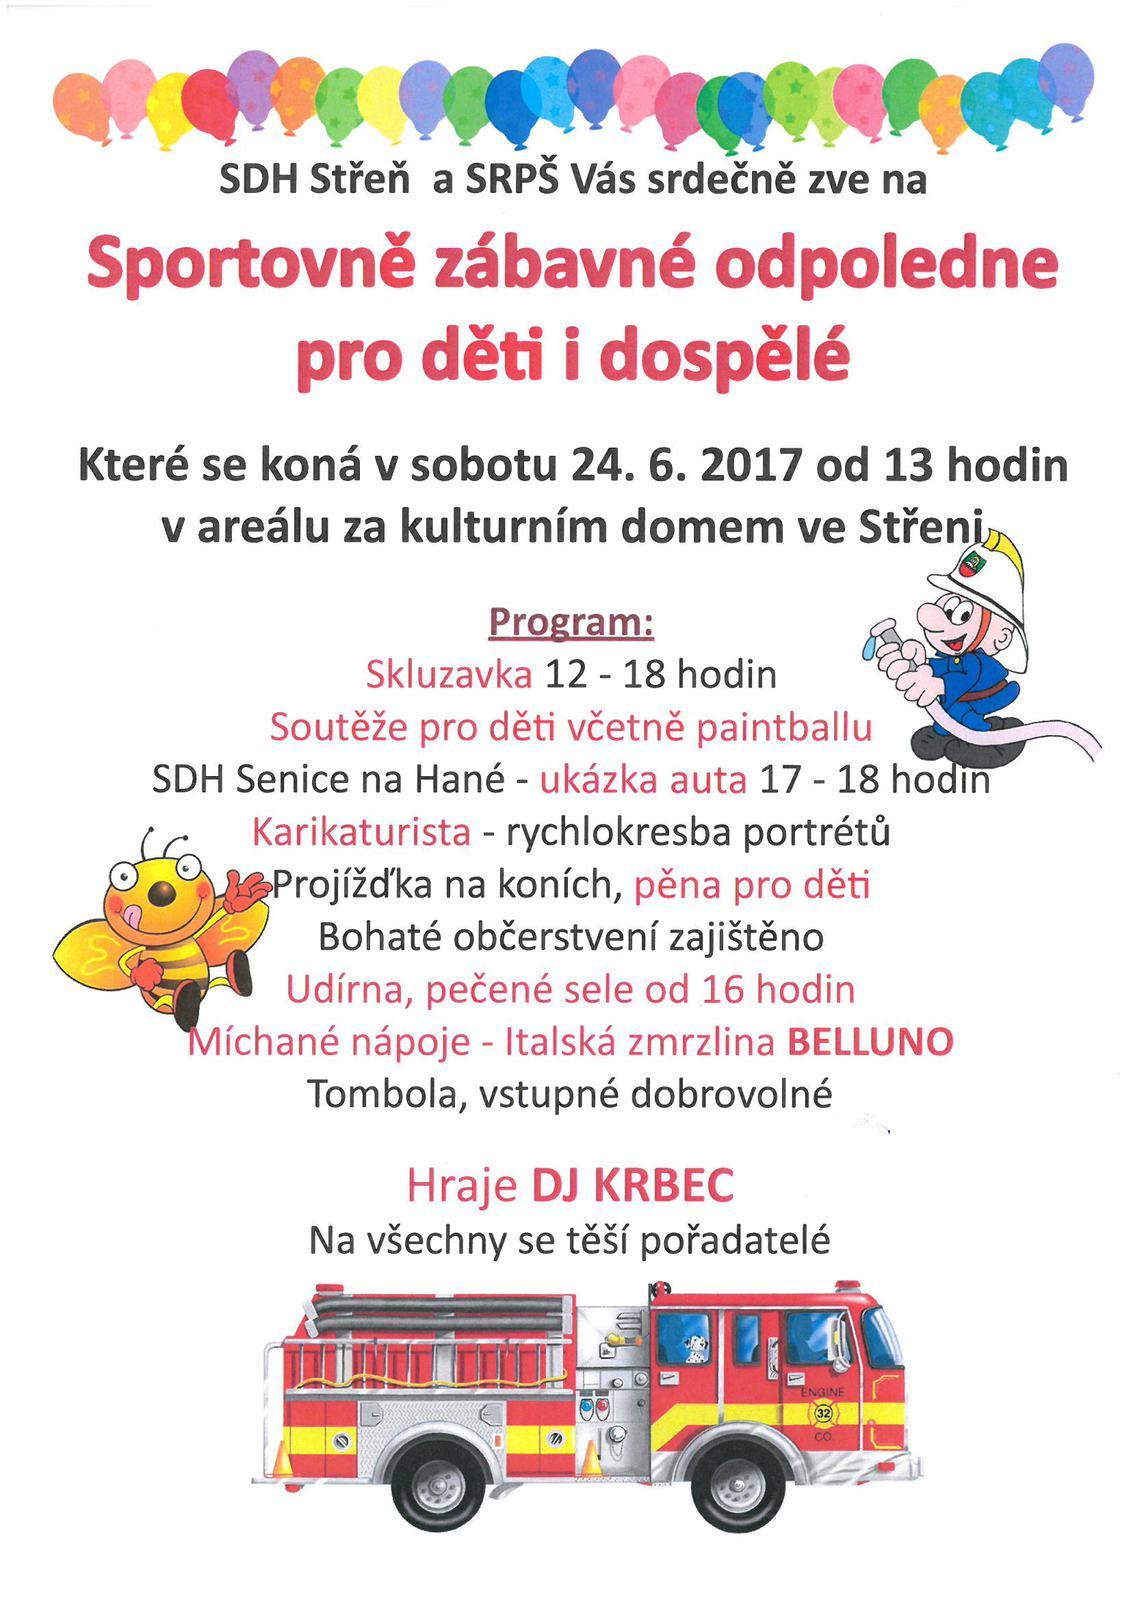 Sportovnì zábavné odpoledne pro dìti i dospìlé ve Støeni